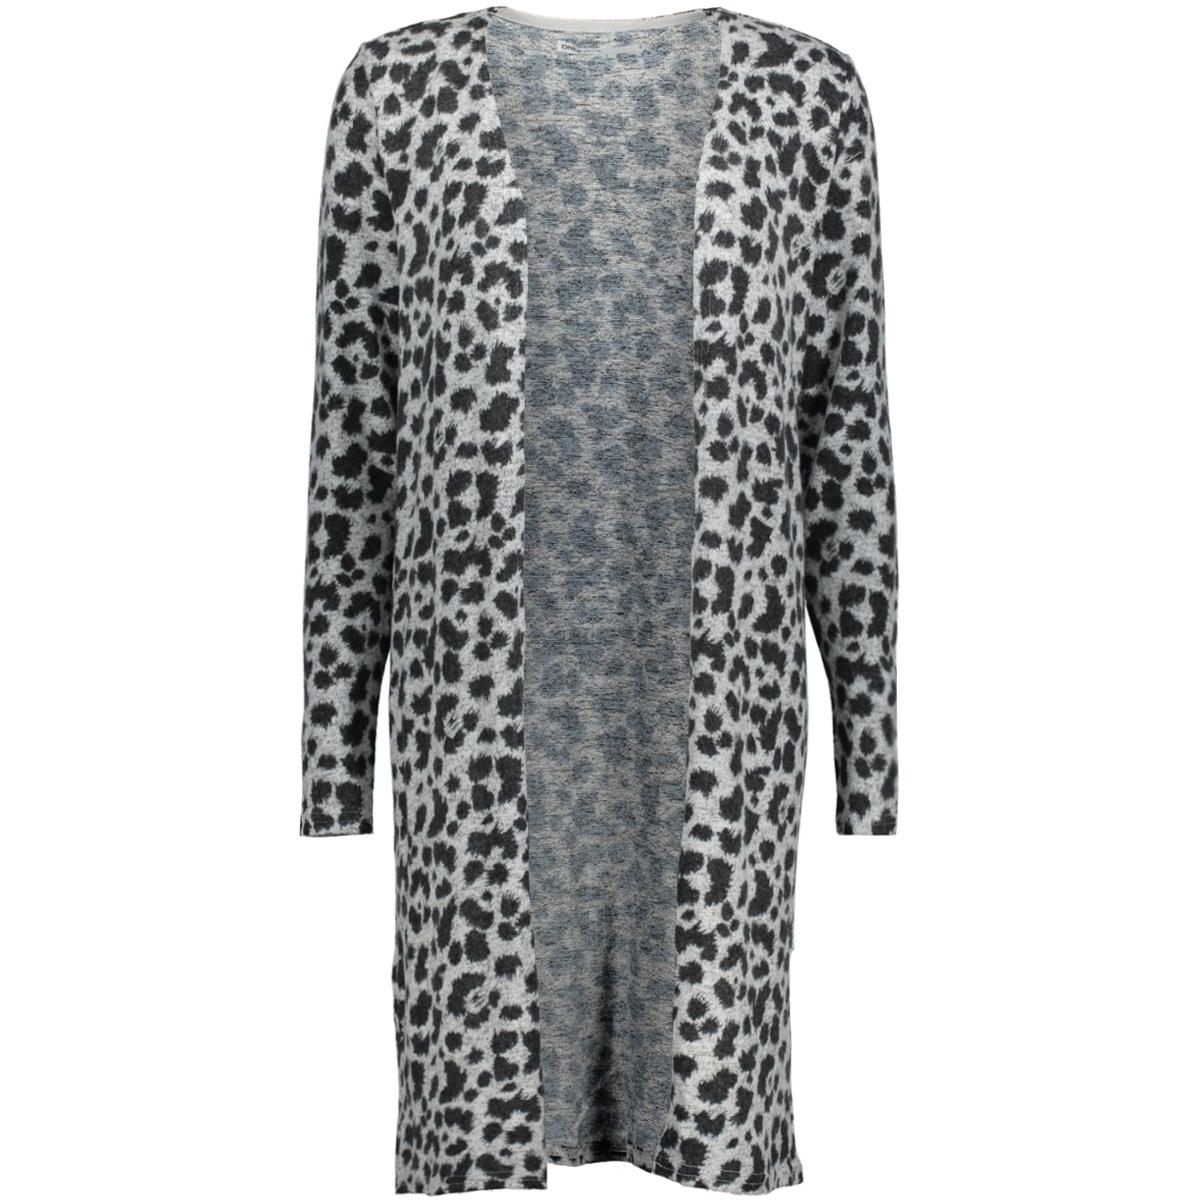 onlkleo l/s cardigan knt 15139014 only vest light grey melange/ black